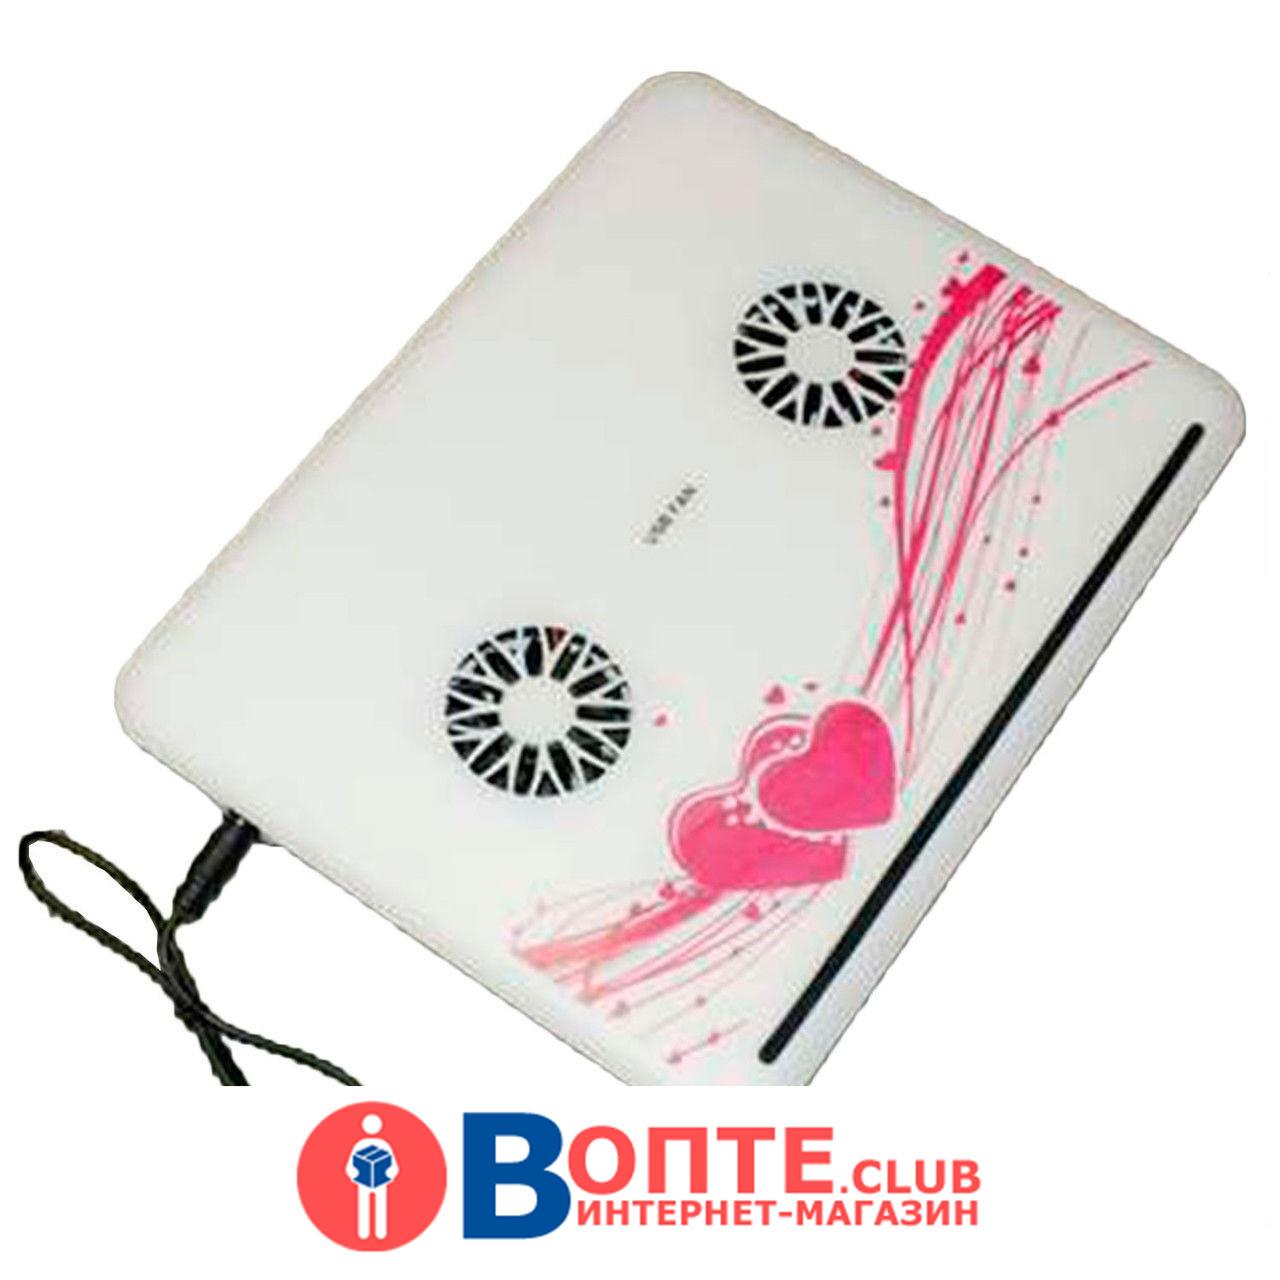 Подставка для охлаждения ноутбука Notebook Cooling Pad - ПОДАРКИ ДЛЯ ВСЕХ в Одессе